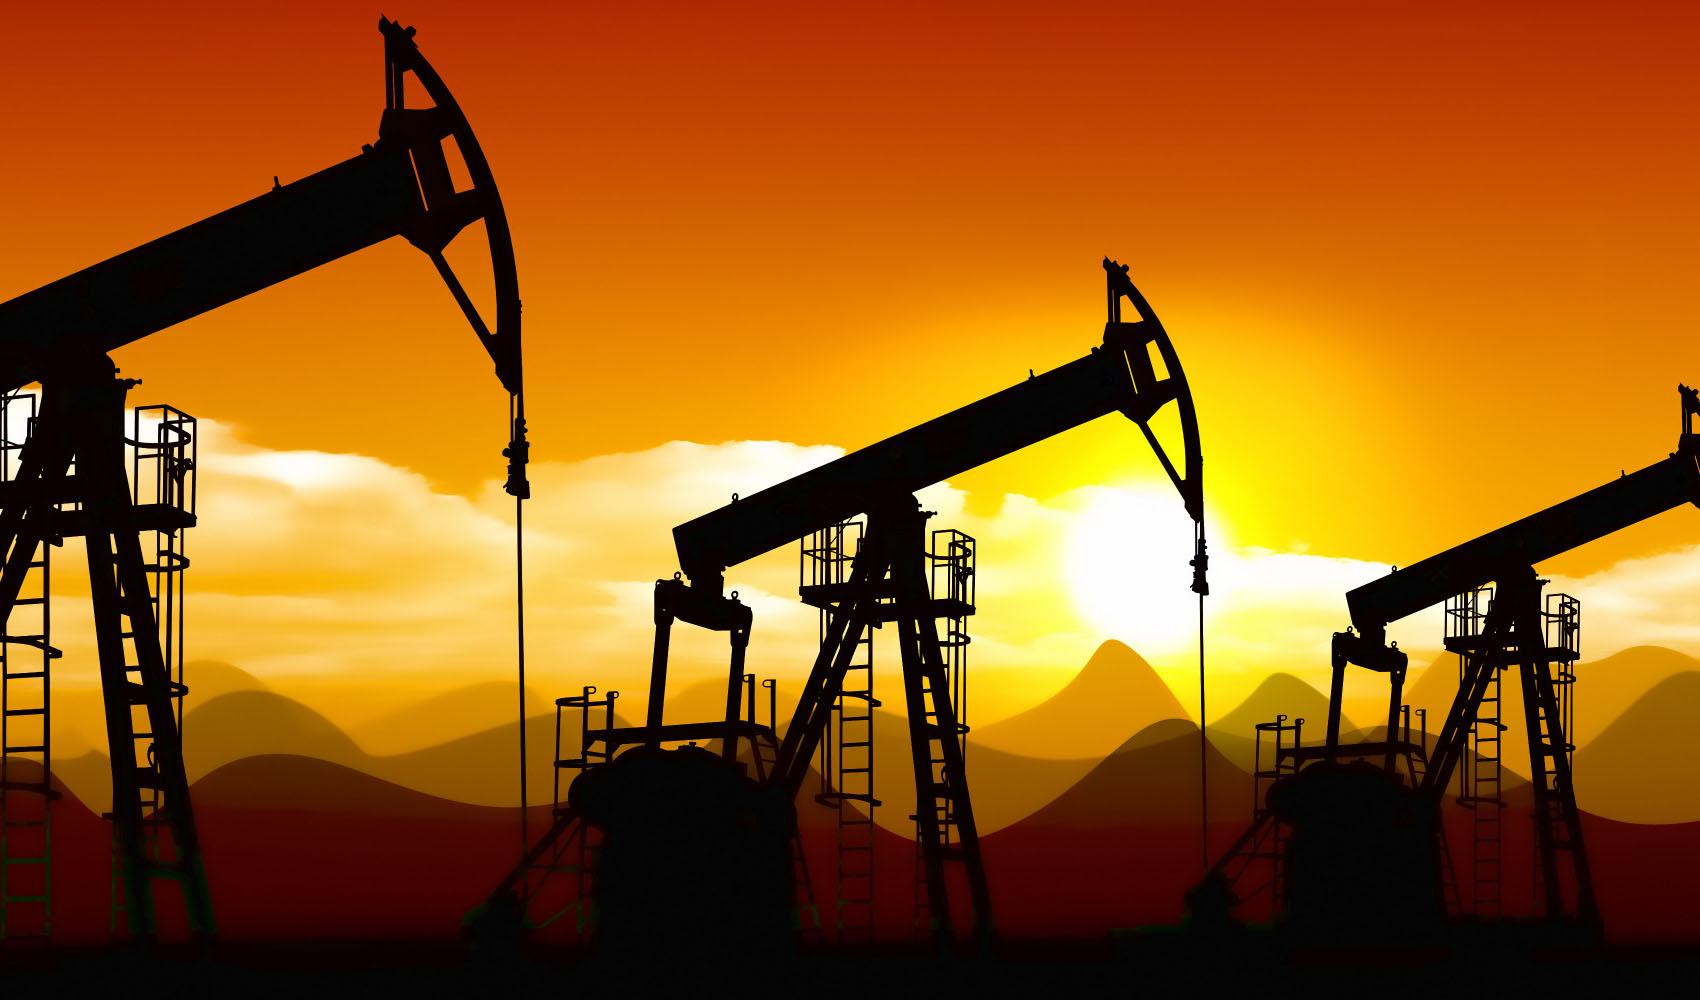 نفت تا چه زمانی مشتری دارد؟